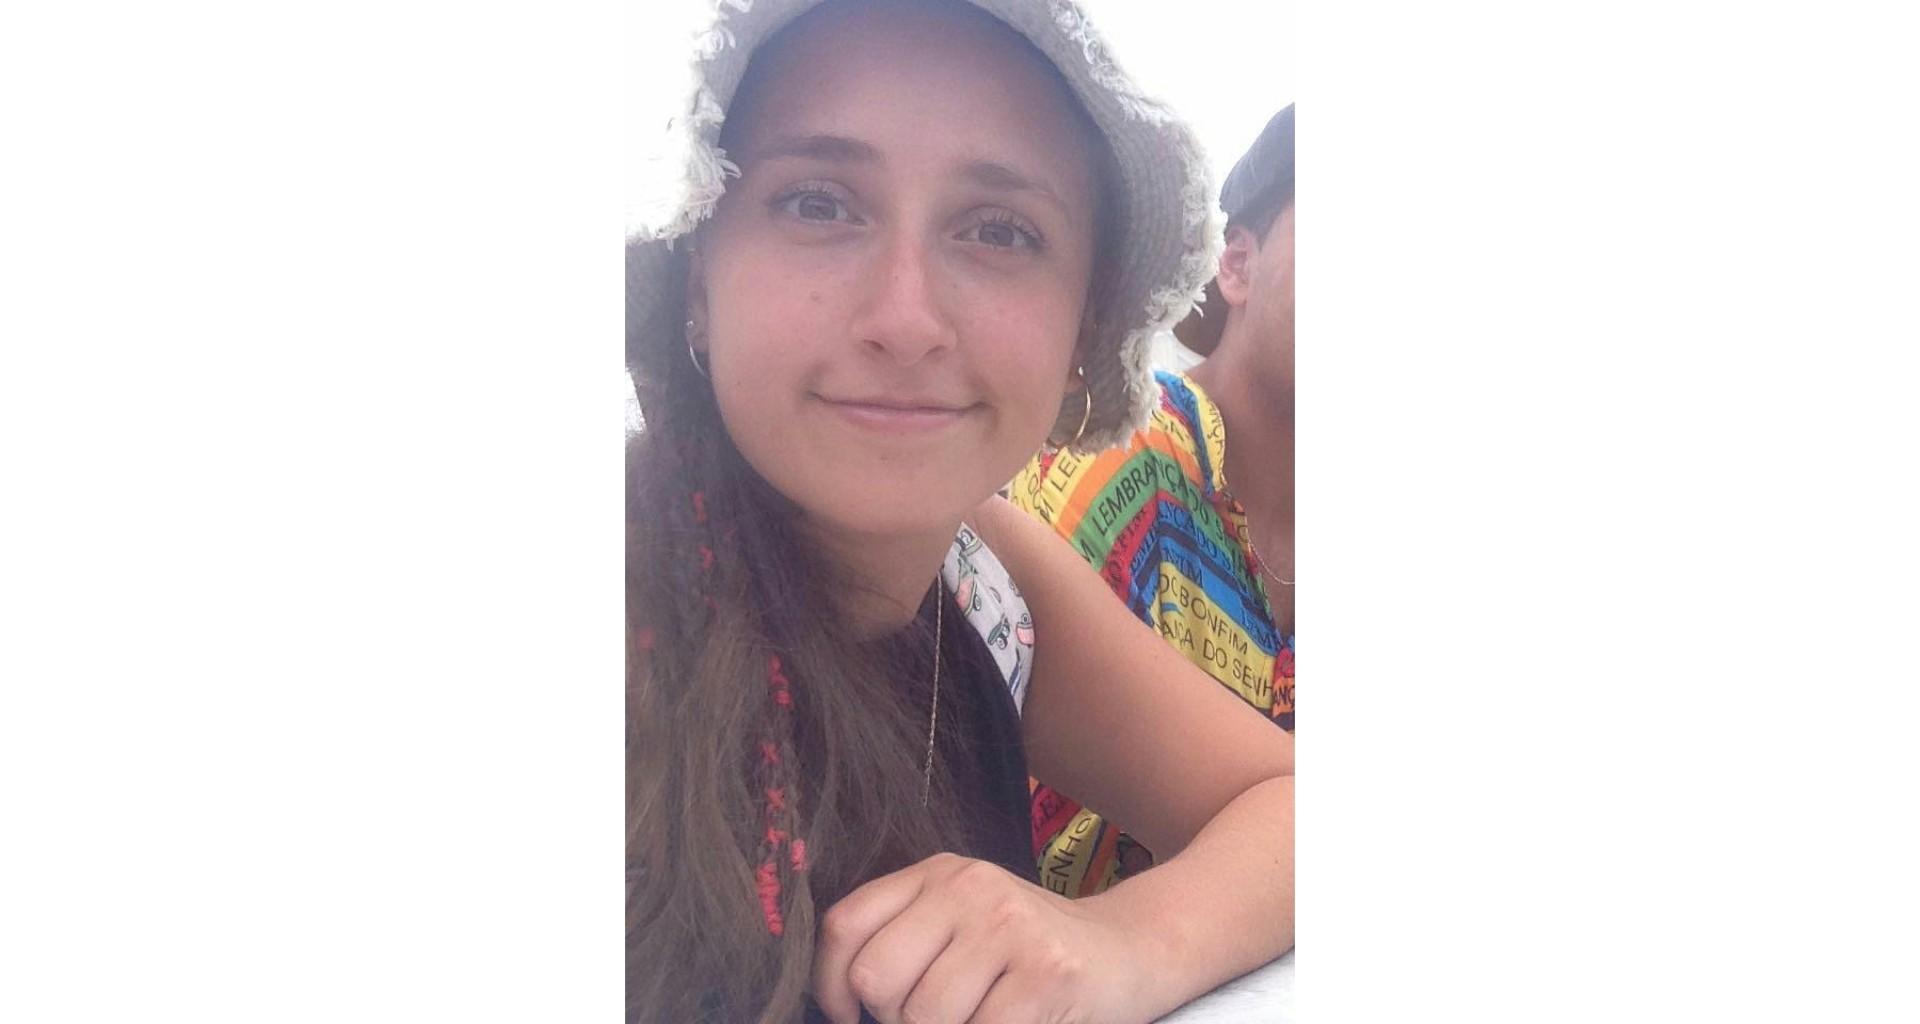 Emilia abandonó un hostel en Valparaíso y no hay señales de ella